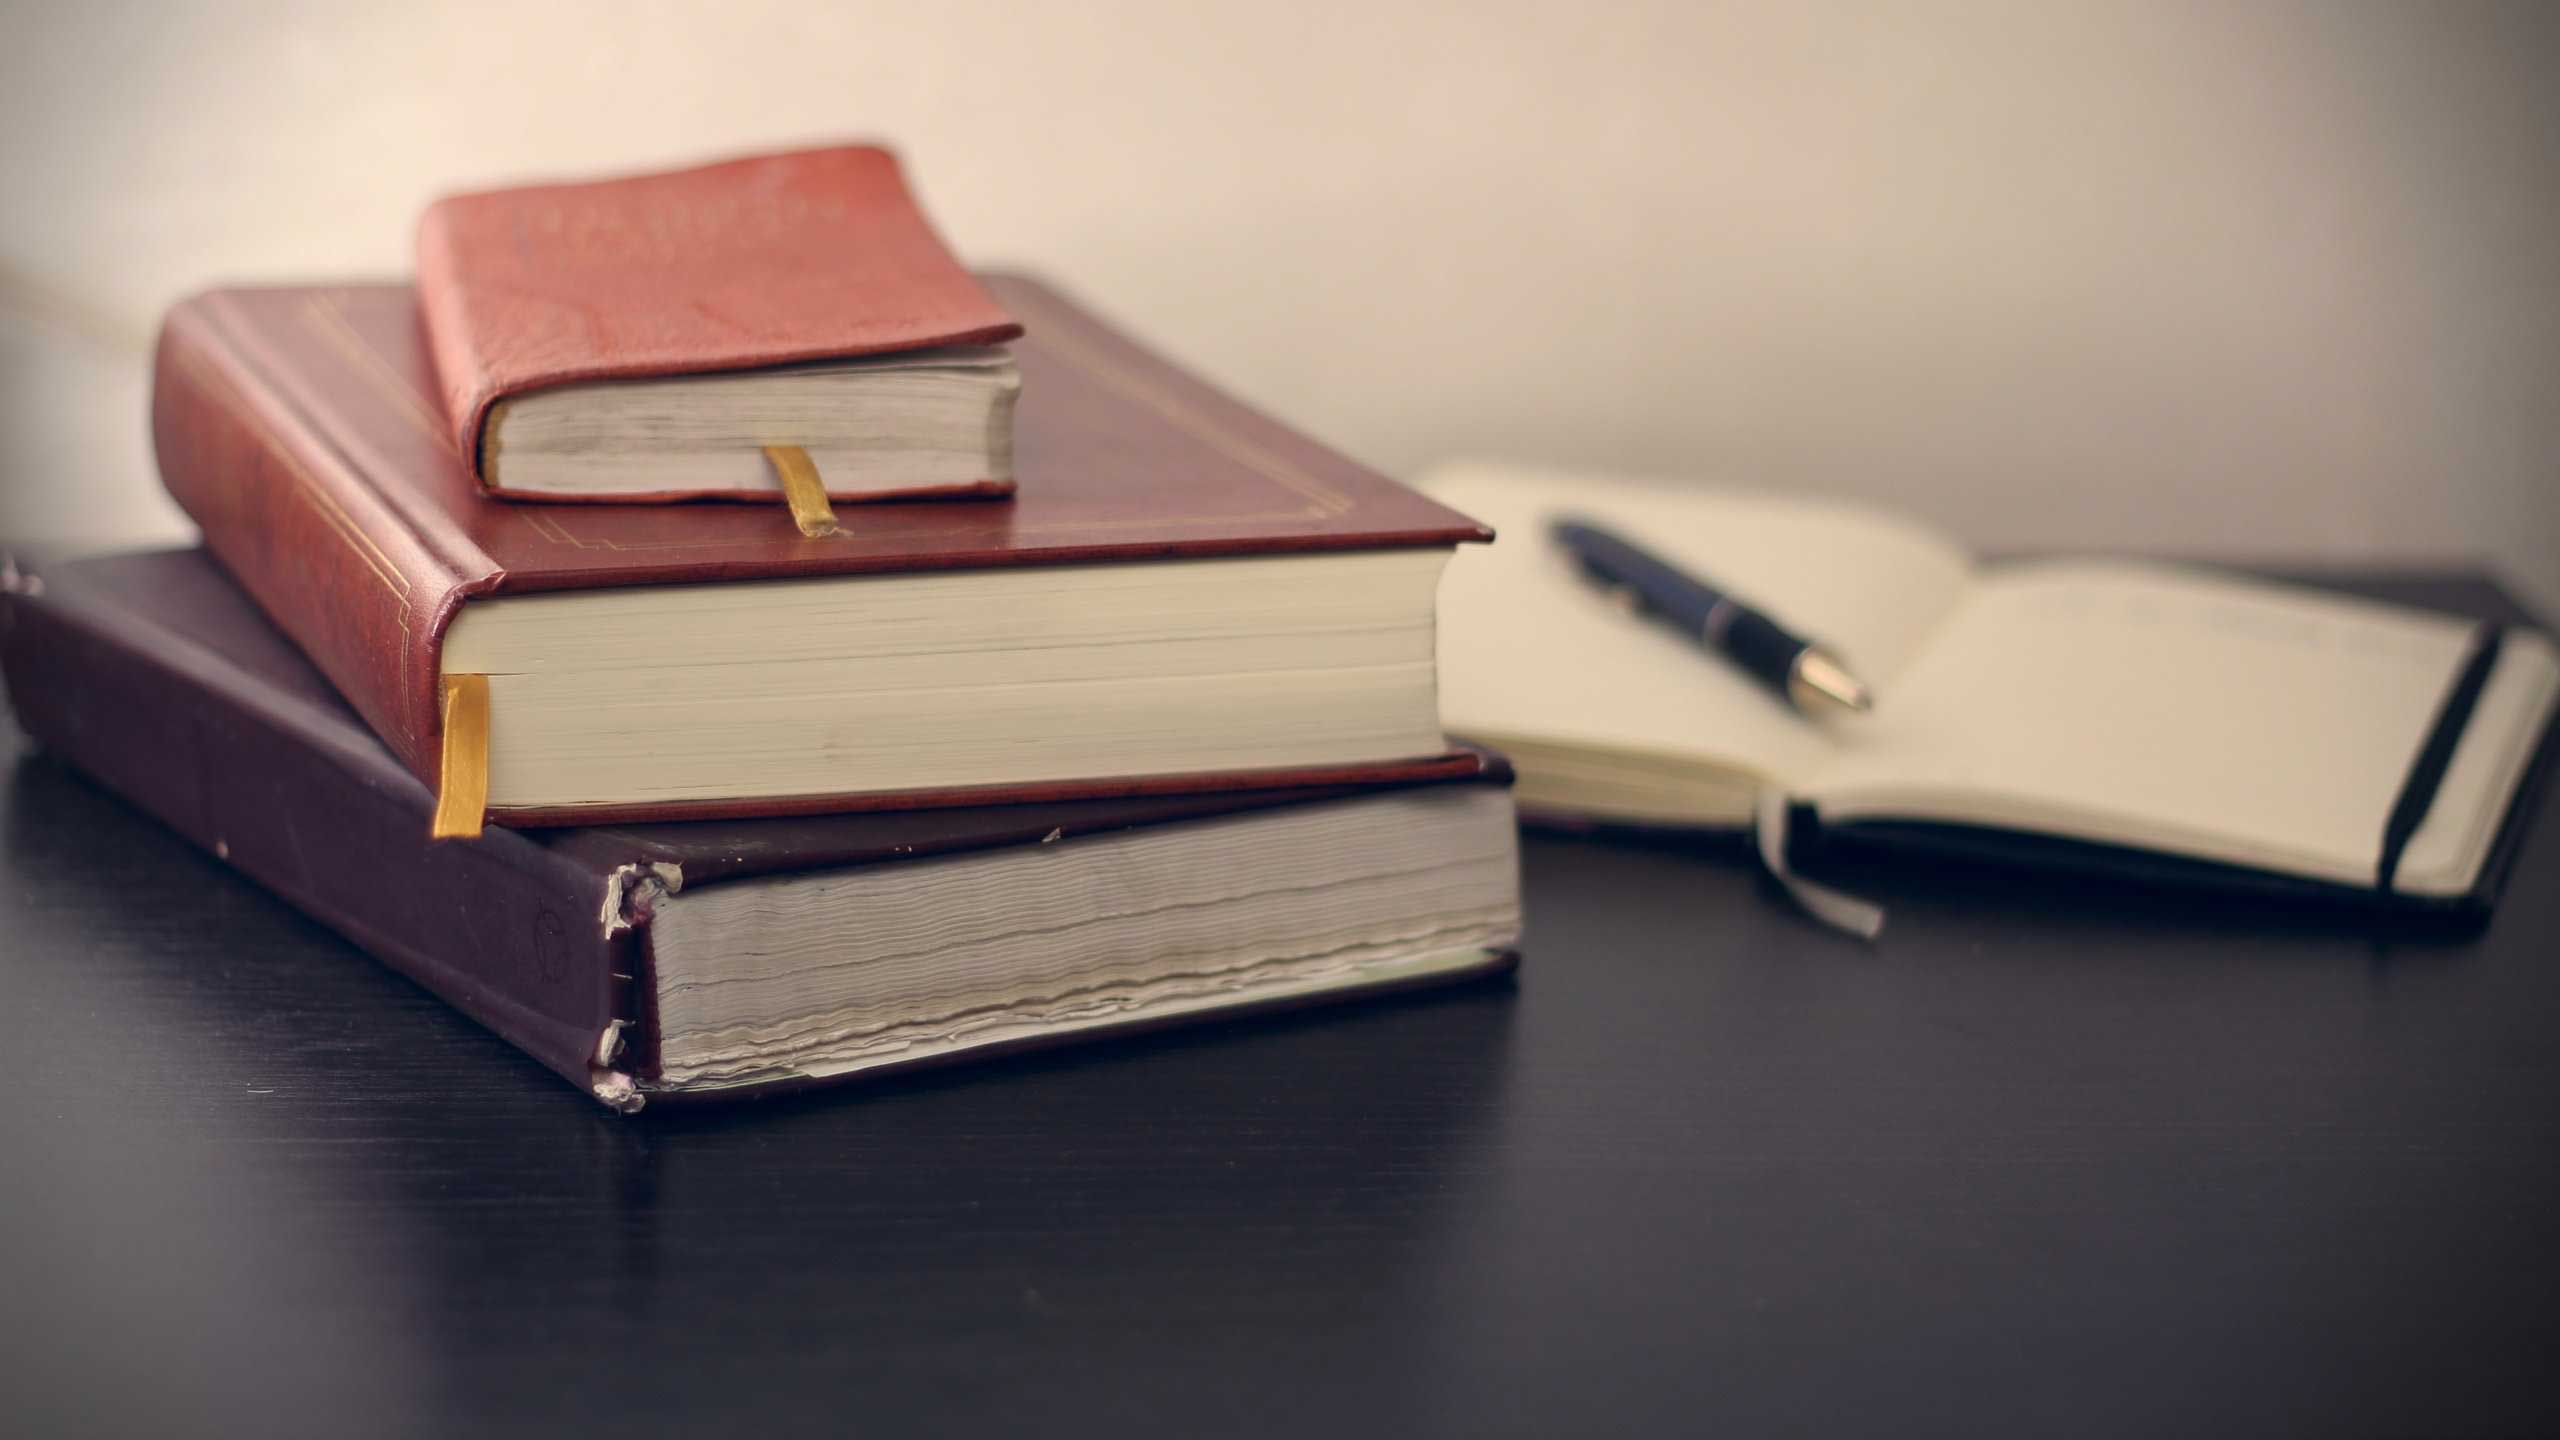 Περι Δικαιωμάτων Πνευματικής Ιδιοκτησίας | Αγγελική Πρίφτη Συμβολαιογράφος, Πάρος